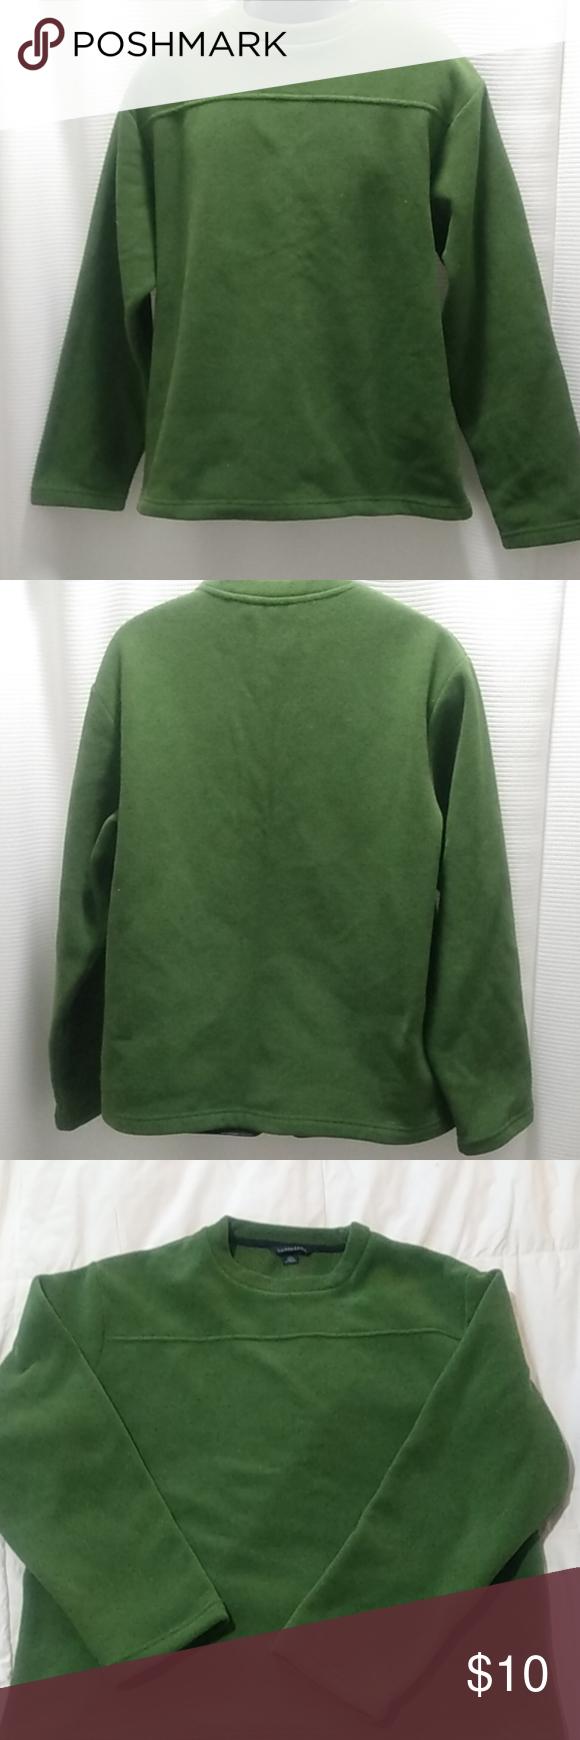 Lands End Men S Fleece Pullover Sweatshirt L Sweatshirts Mens Fleece Fleece Pullover [ 1740 x 580 Pixel ]